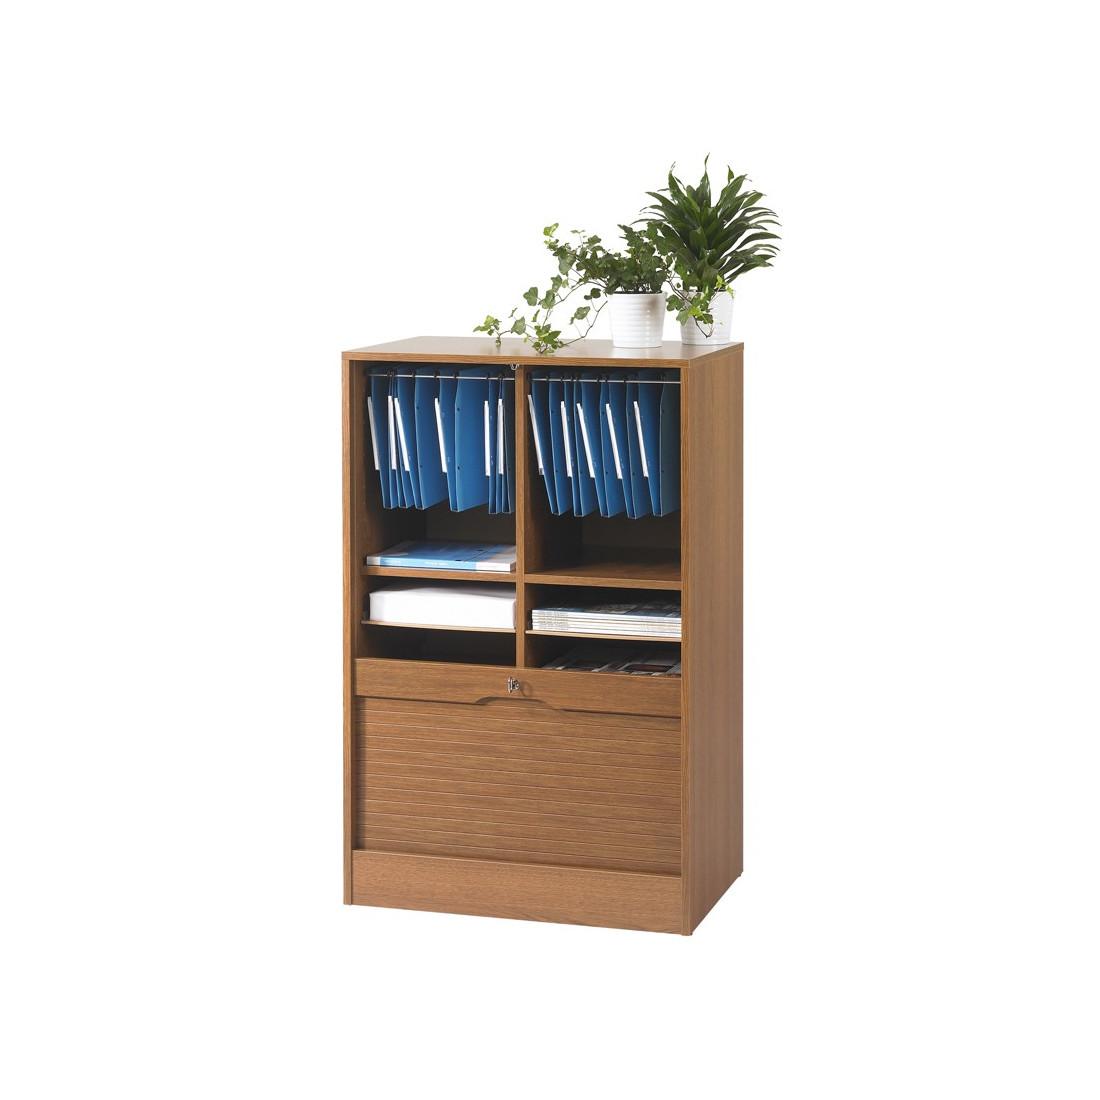 classeur double rideau ch ne rustique m klass univers du bureau. Black Bedroom Furniture Sets. Home Design Ideas